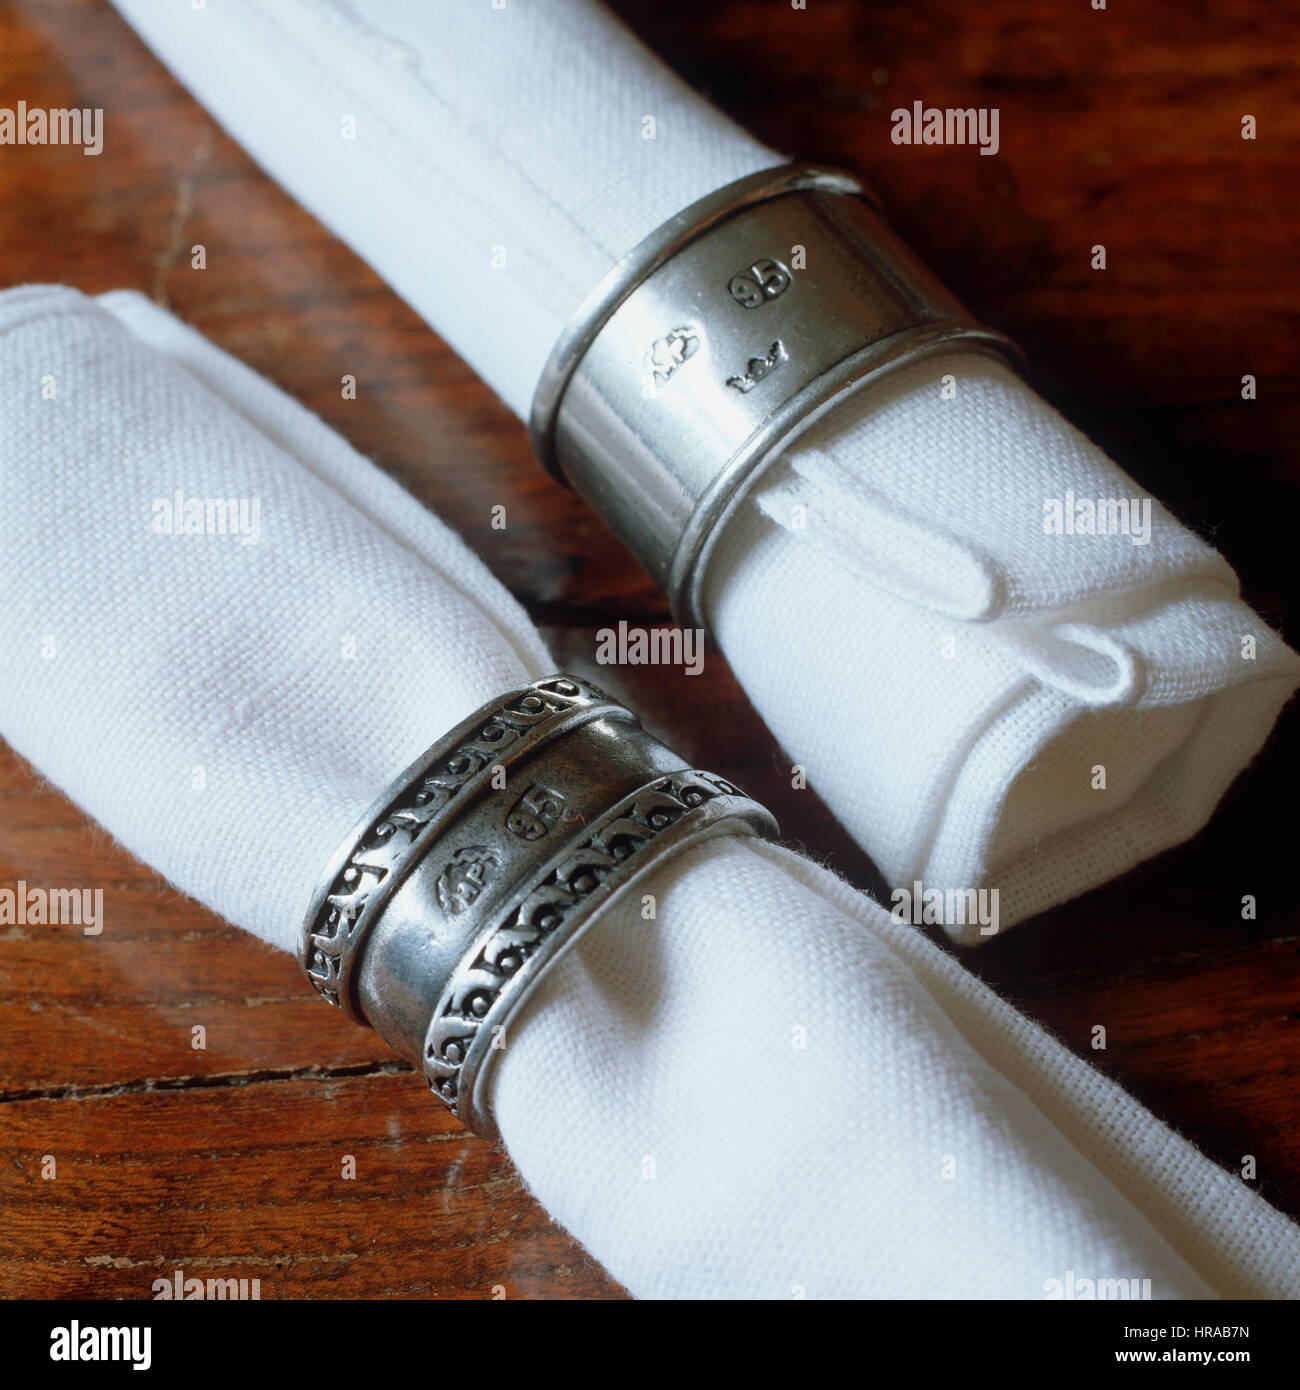 Napkins in silver napkin rings. - Stock Image